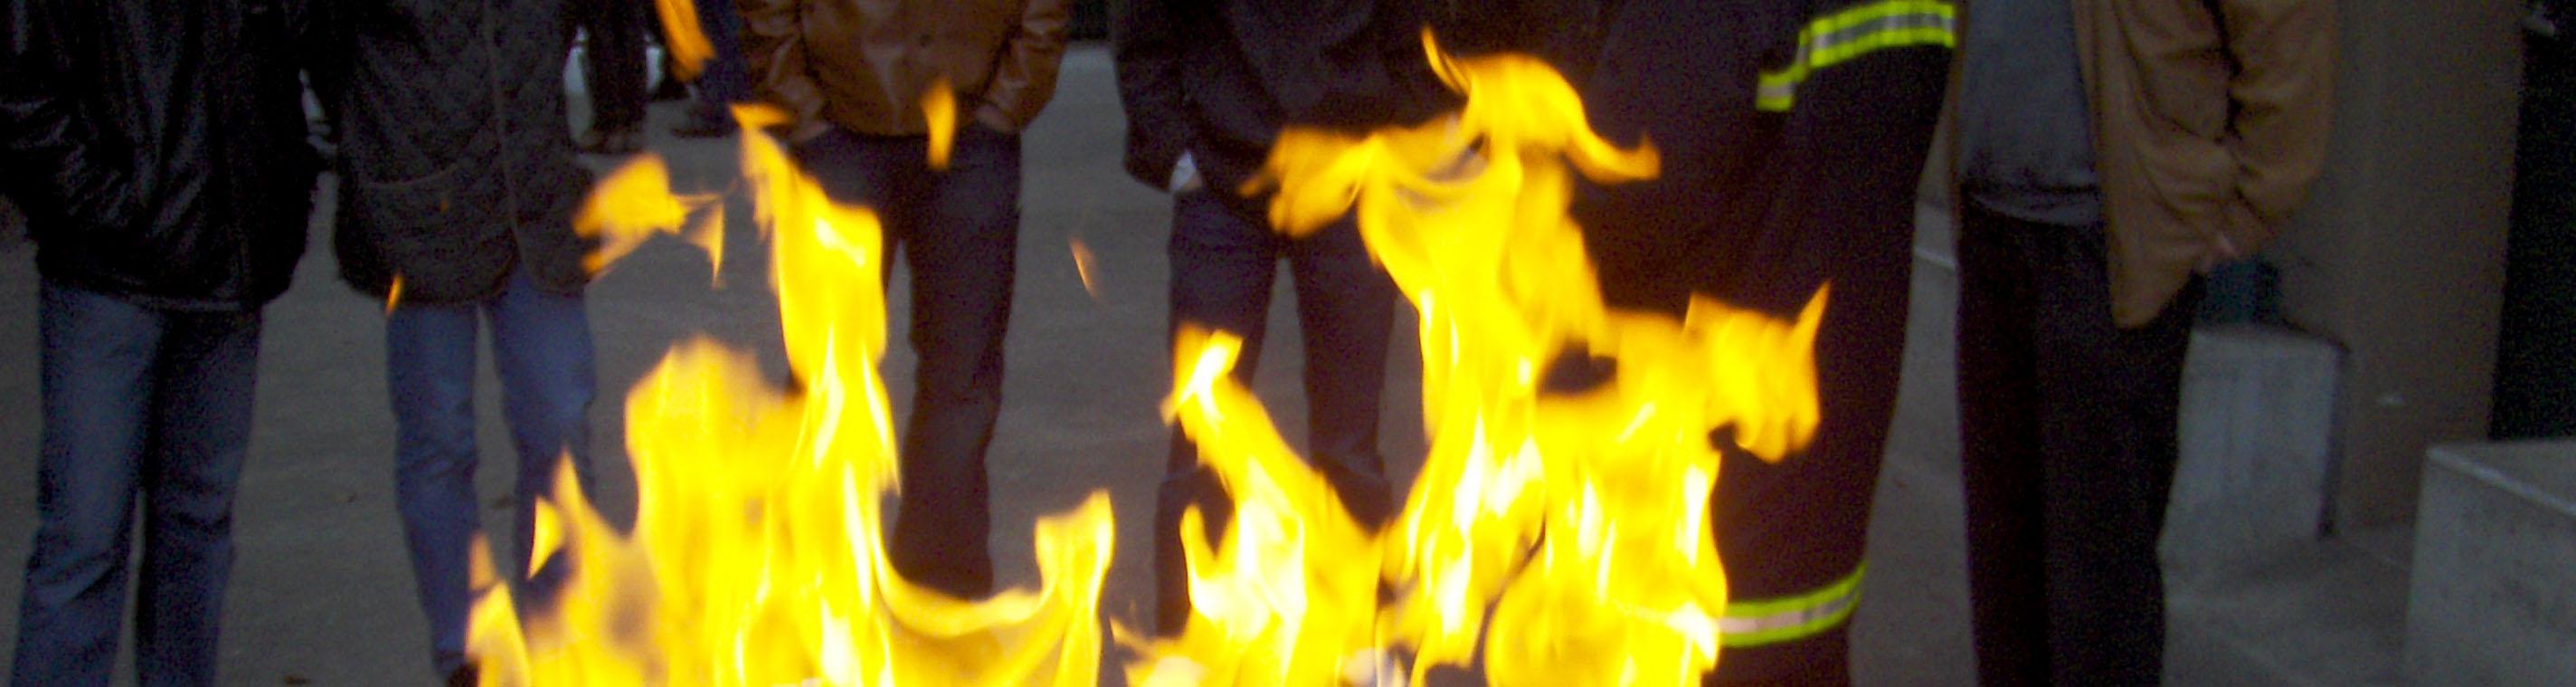 Organisatorischer Brandschutz, Sicherheitskurs, SIBE 1500x400